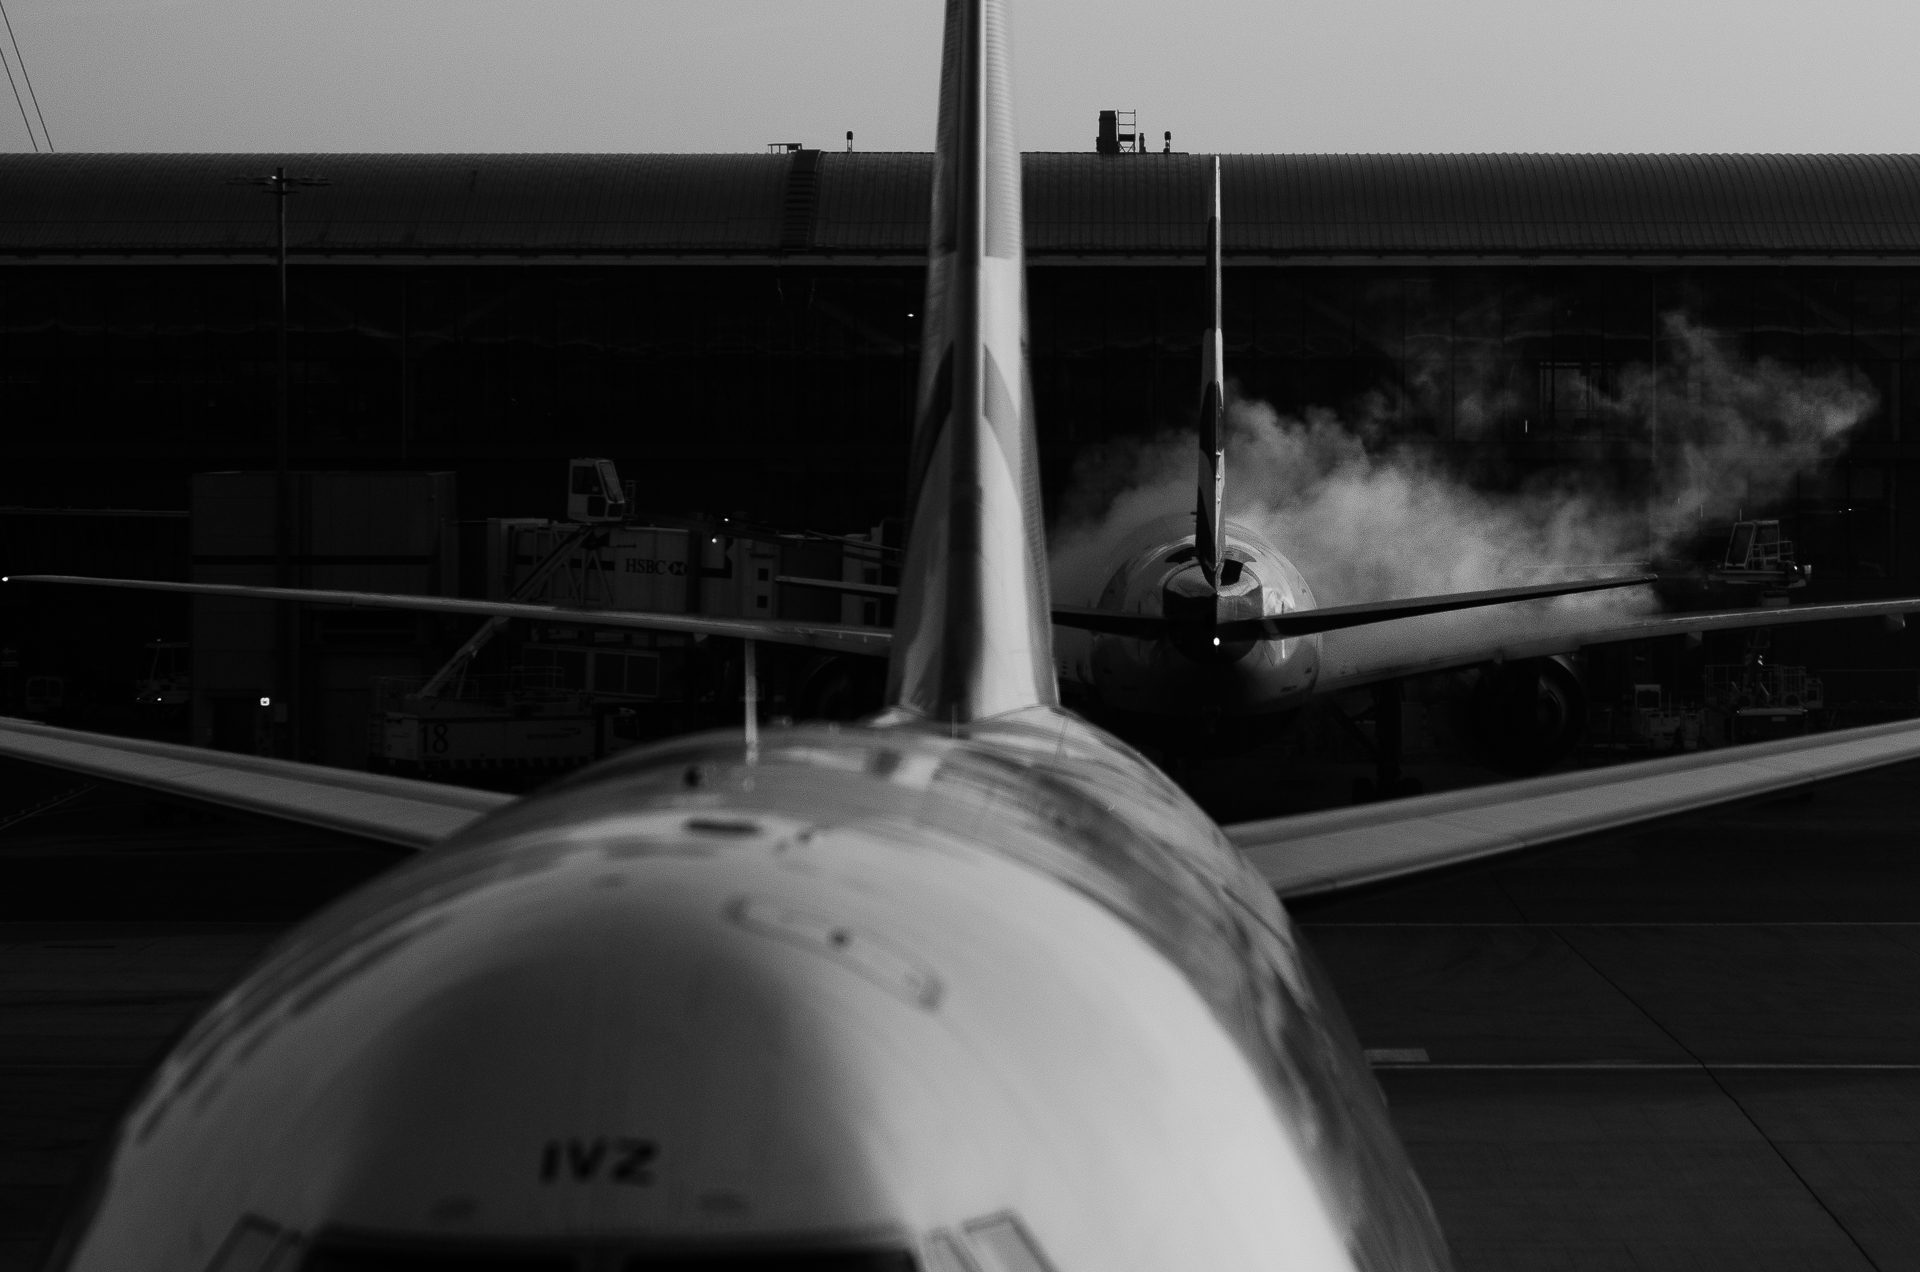 De-icing jets before flight, Heathrow T%